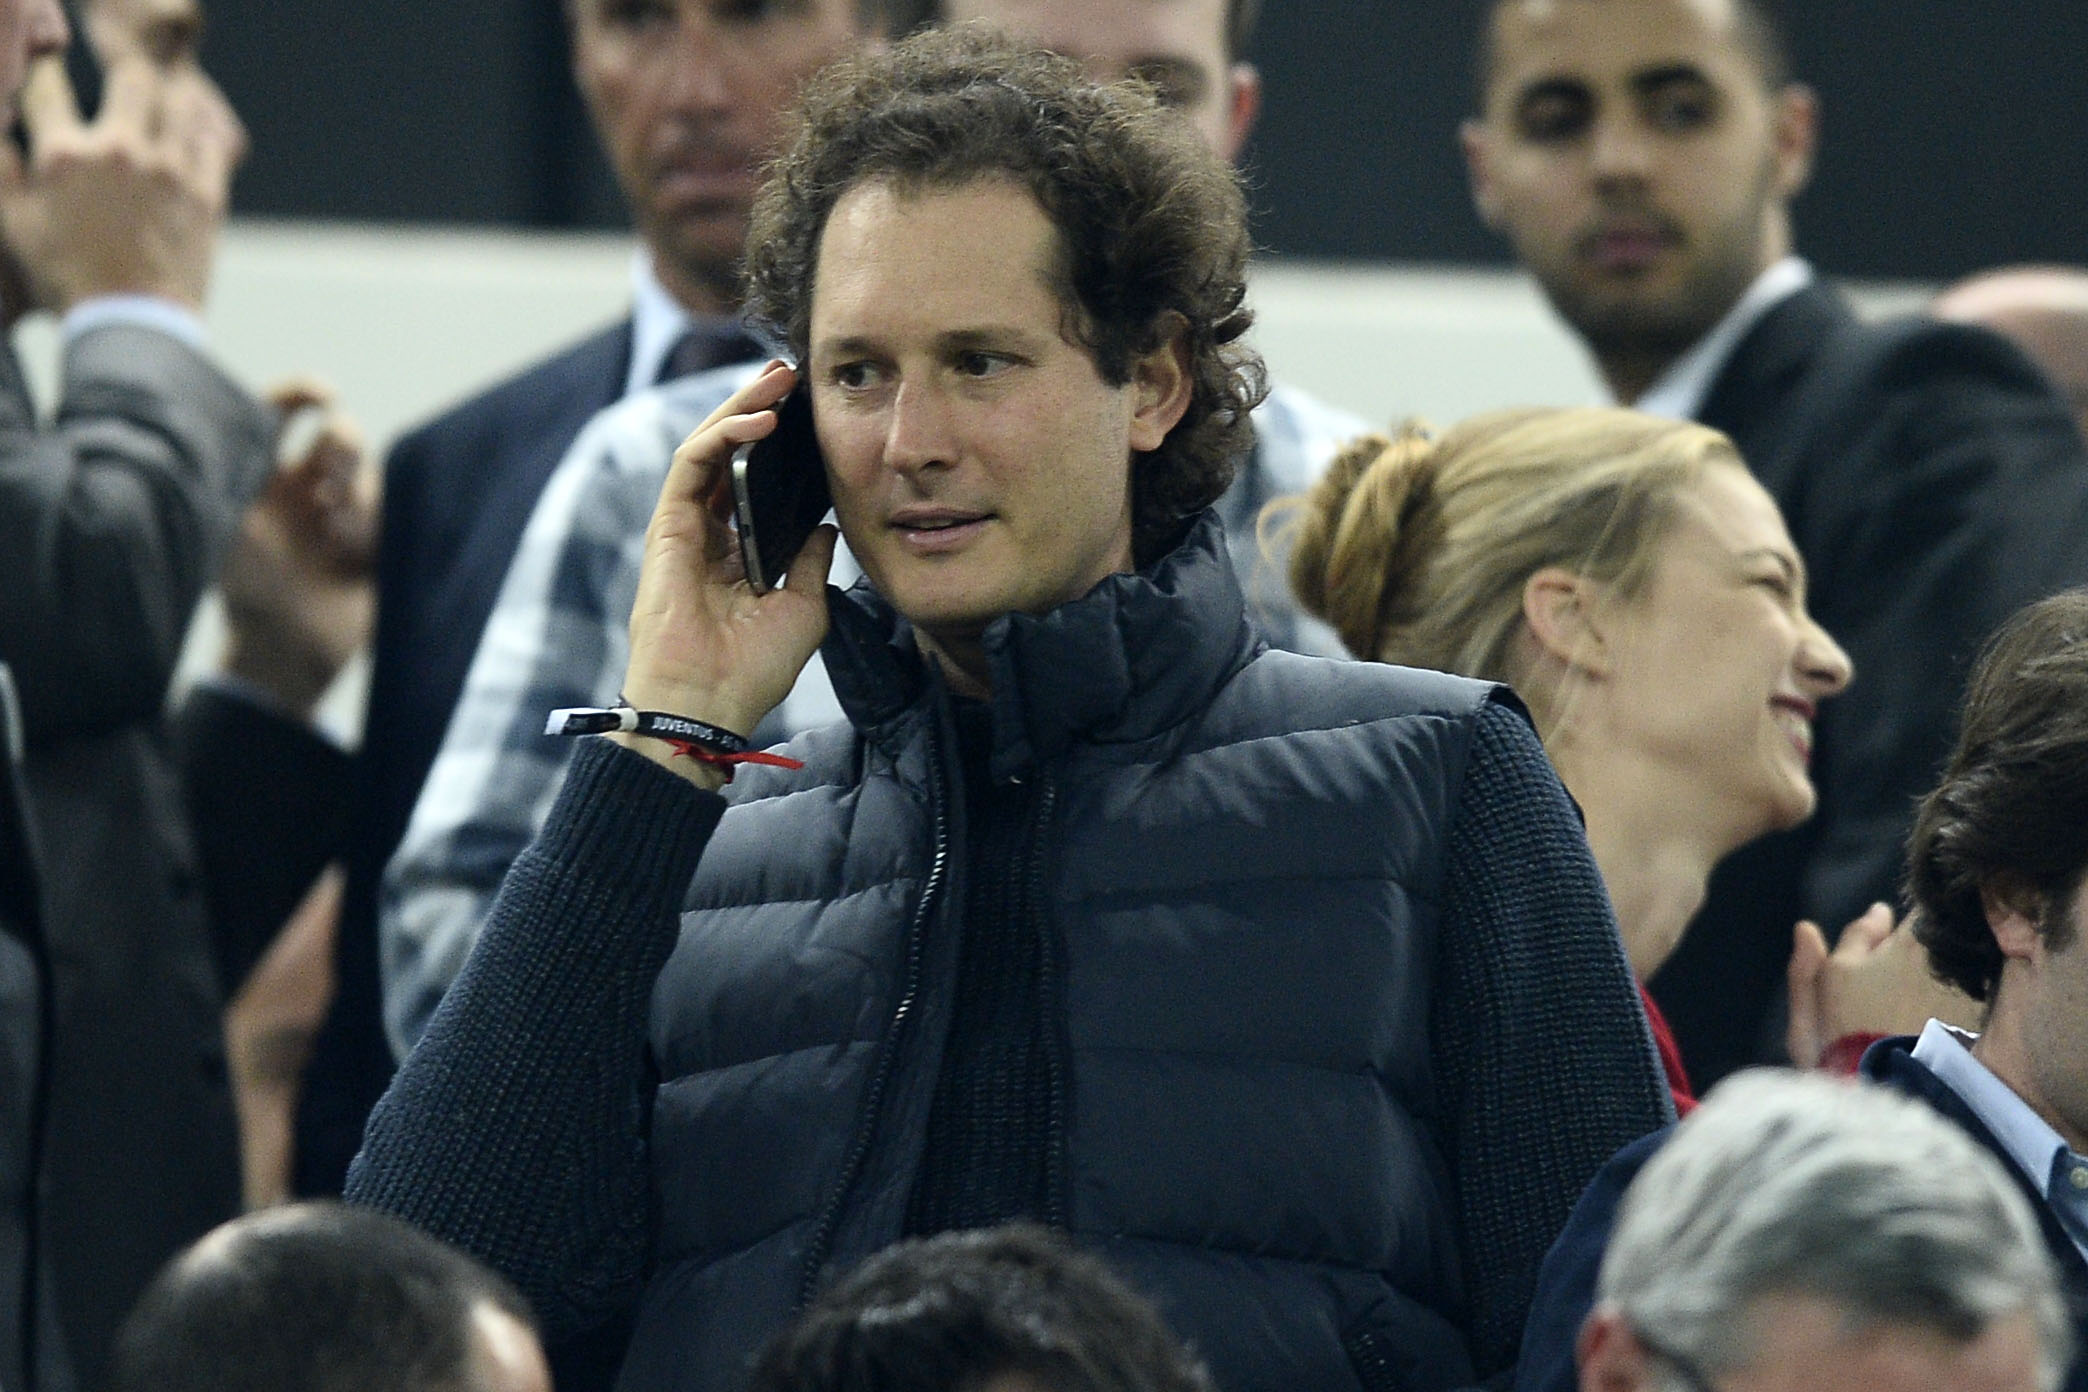 Juve, che ha detto Elkann ad Agnelli? I dettagli dell'incontro  |  Sport e Vai